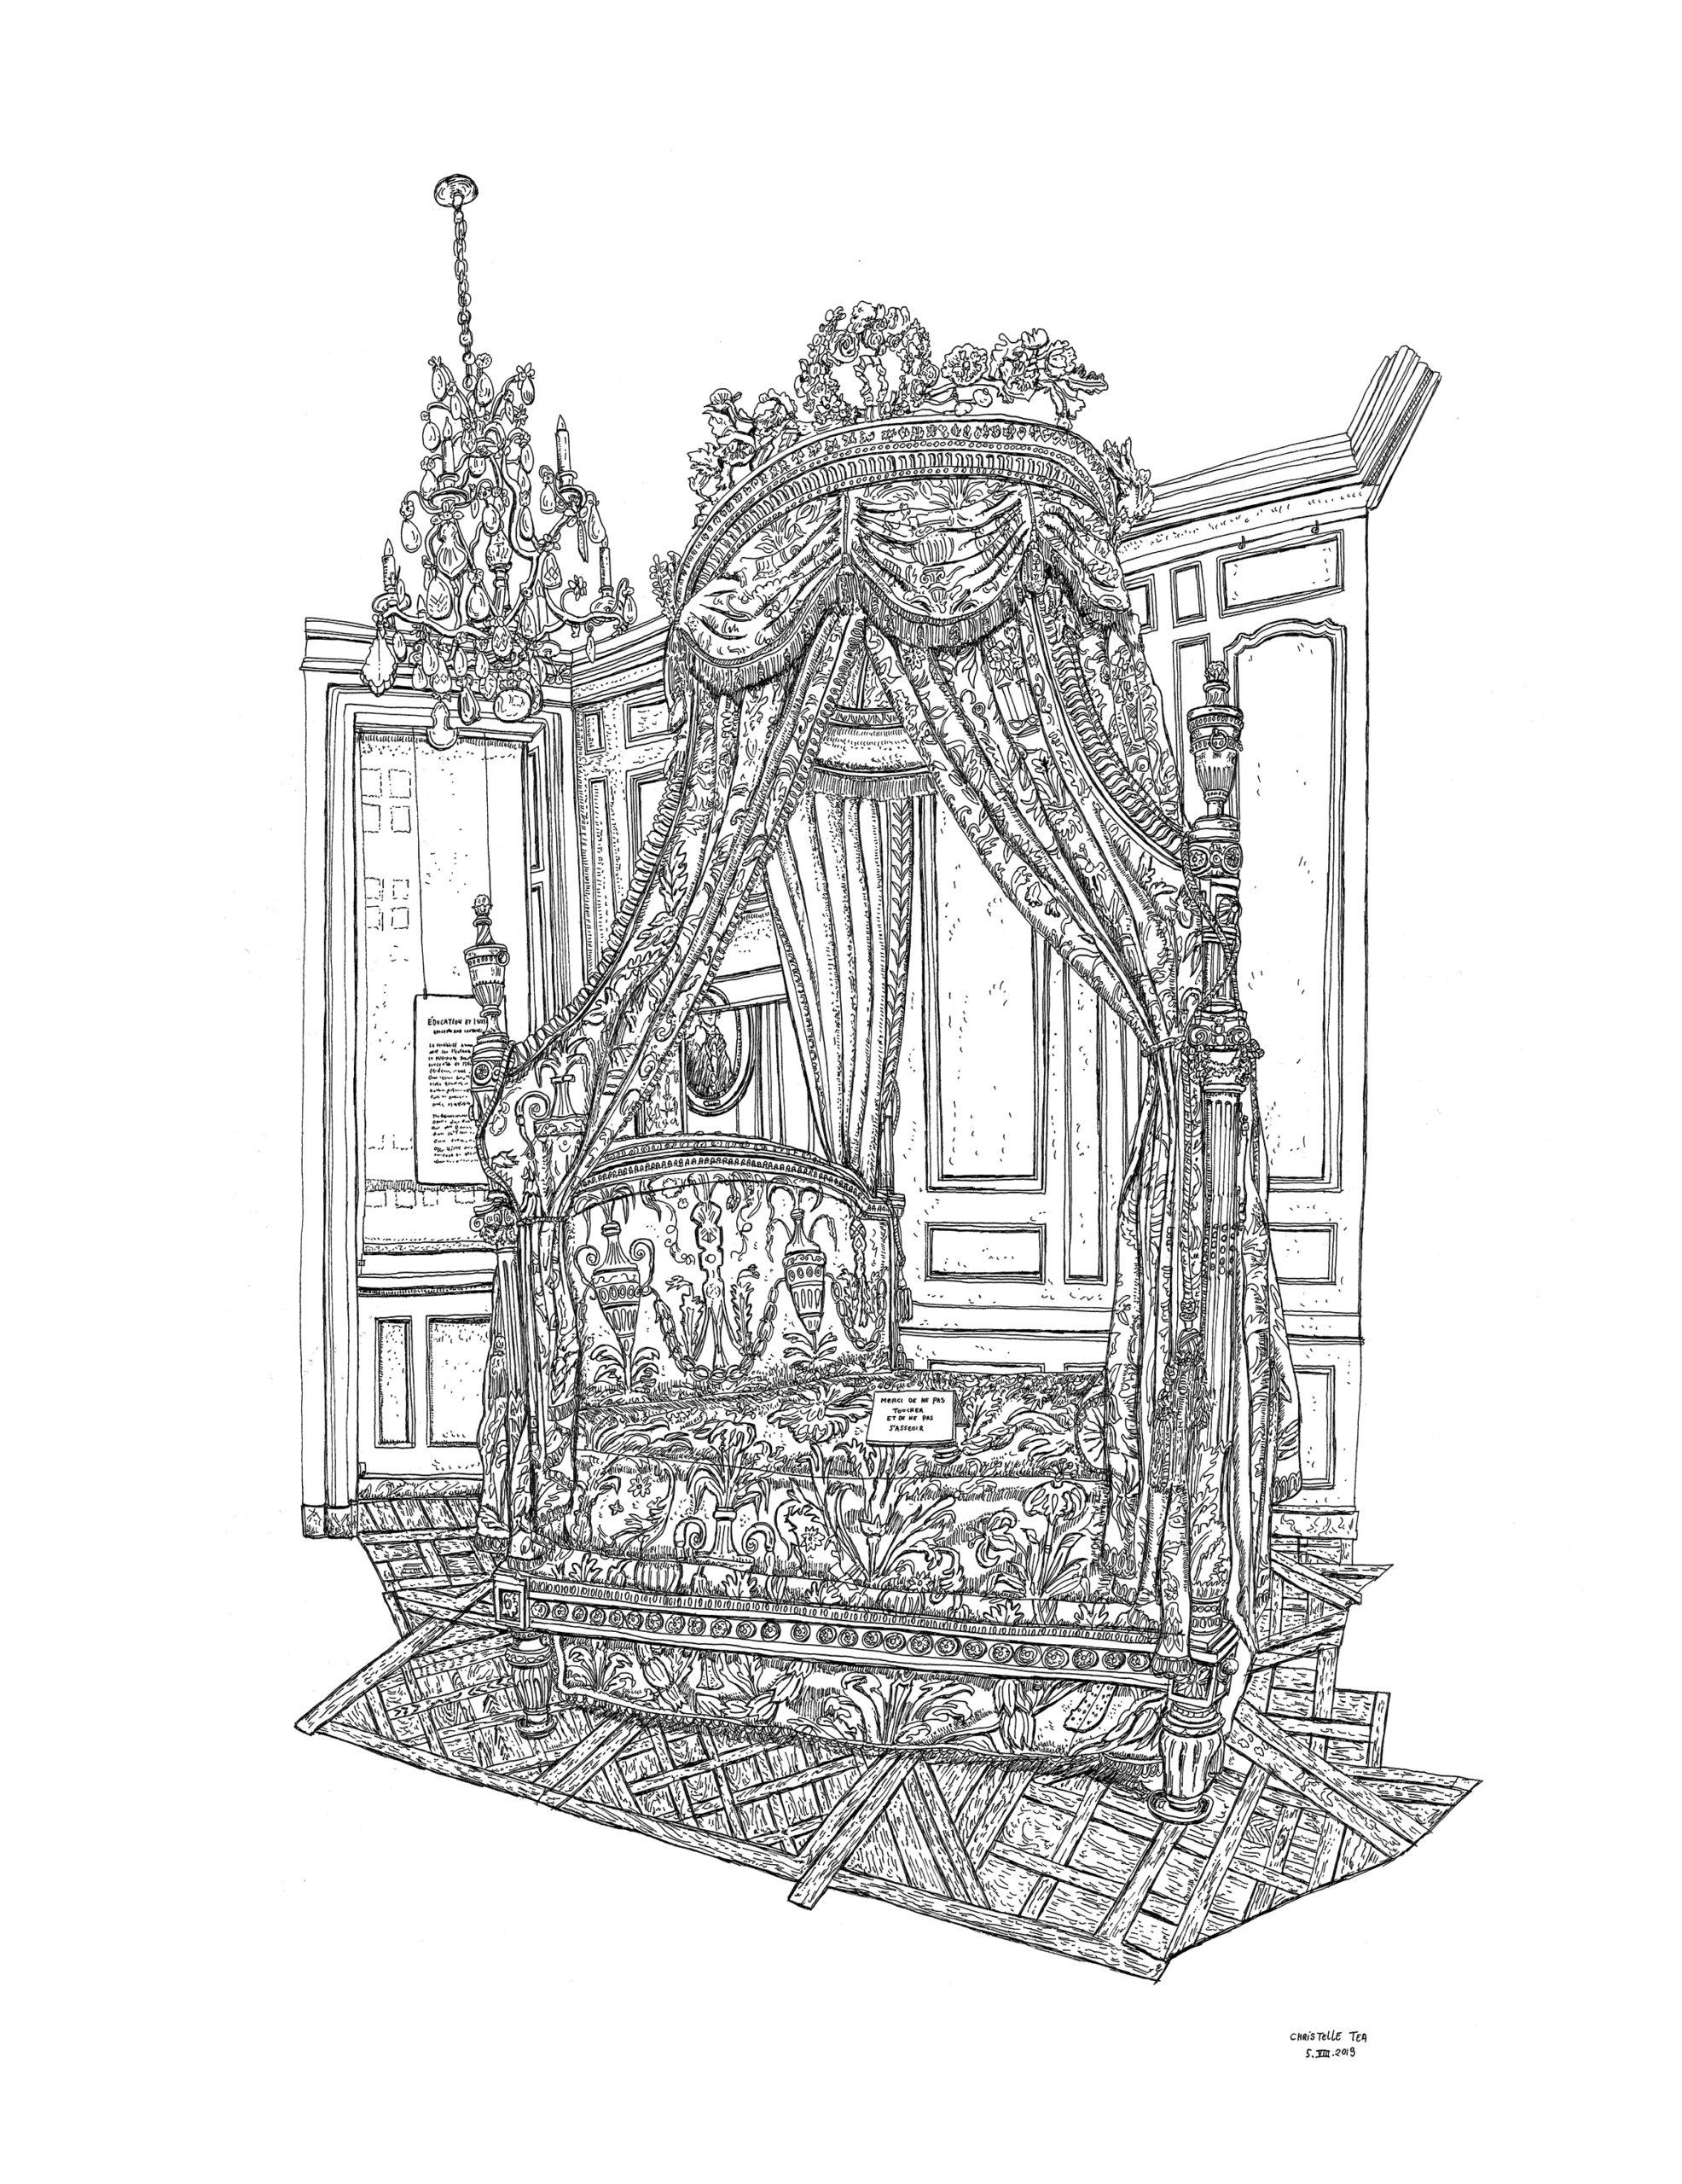 Lit à la polonaise, Musée Cognacq-Jay, Paris, 5.VIII.2019. Encre de Chine sur papier, 65 x 50 cm.